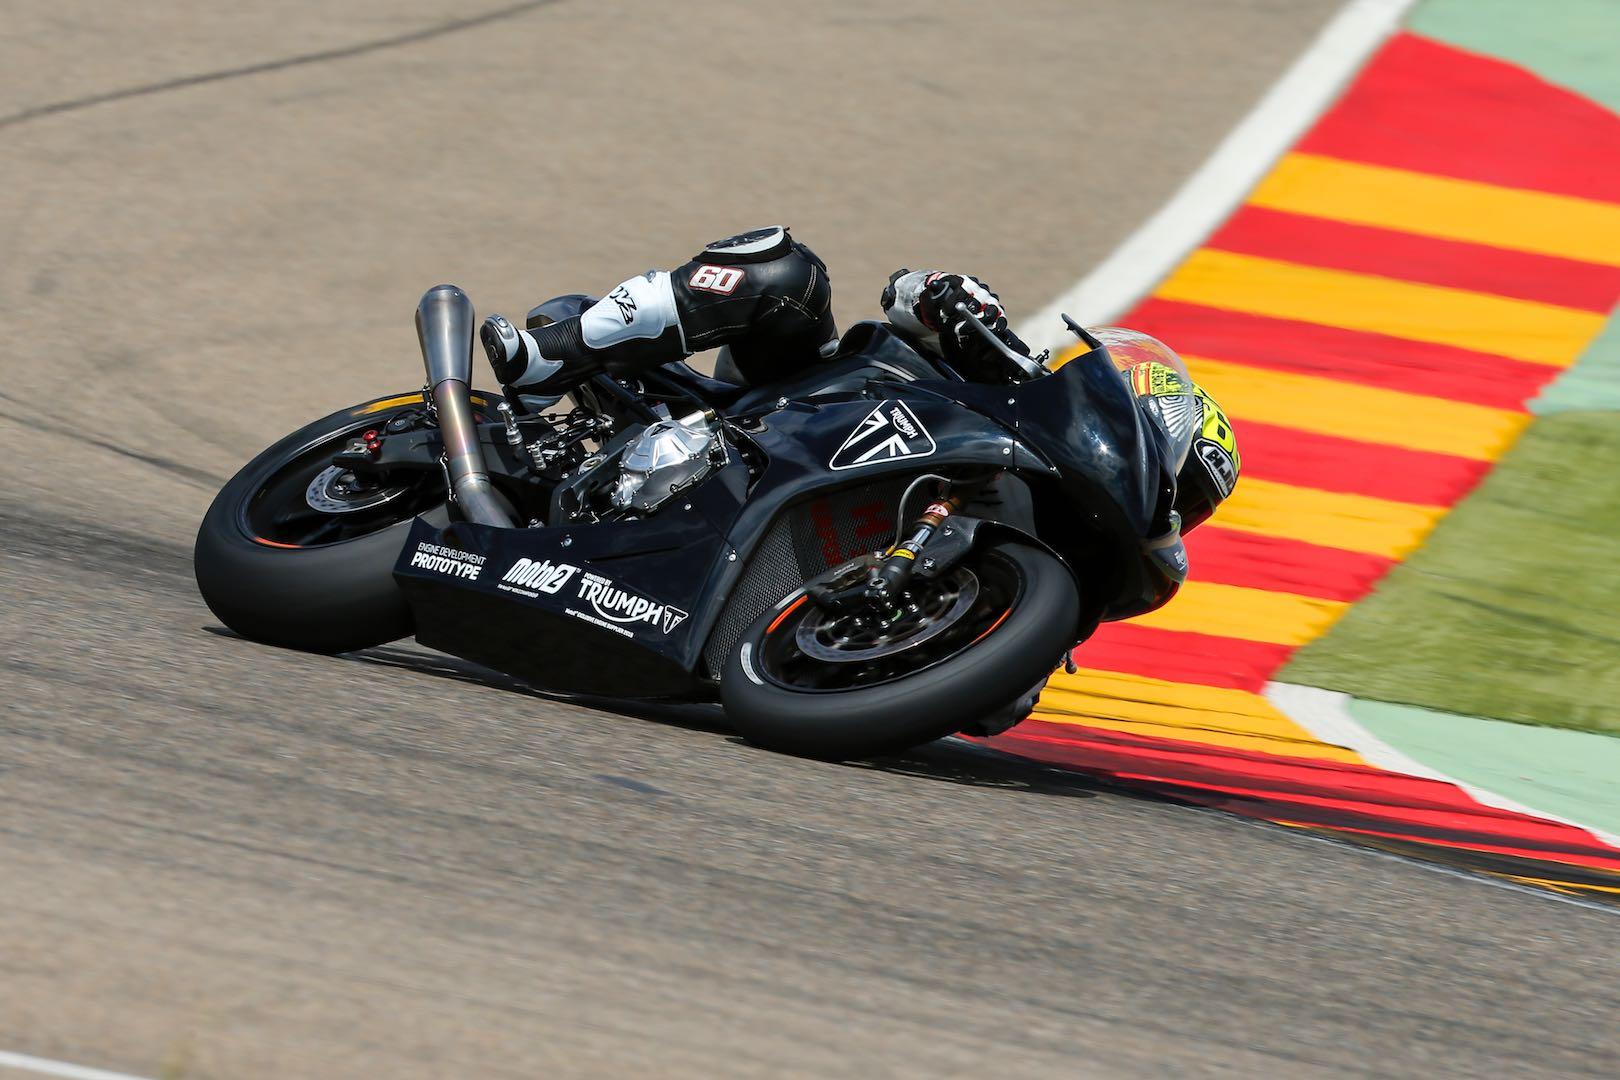 Triumph Moto2 Engine Development Update: Aragon Test (Photos)